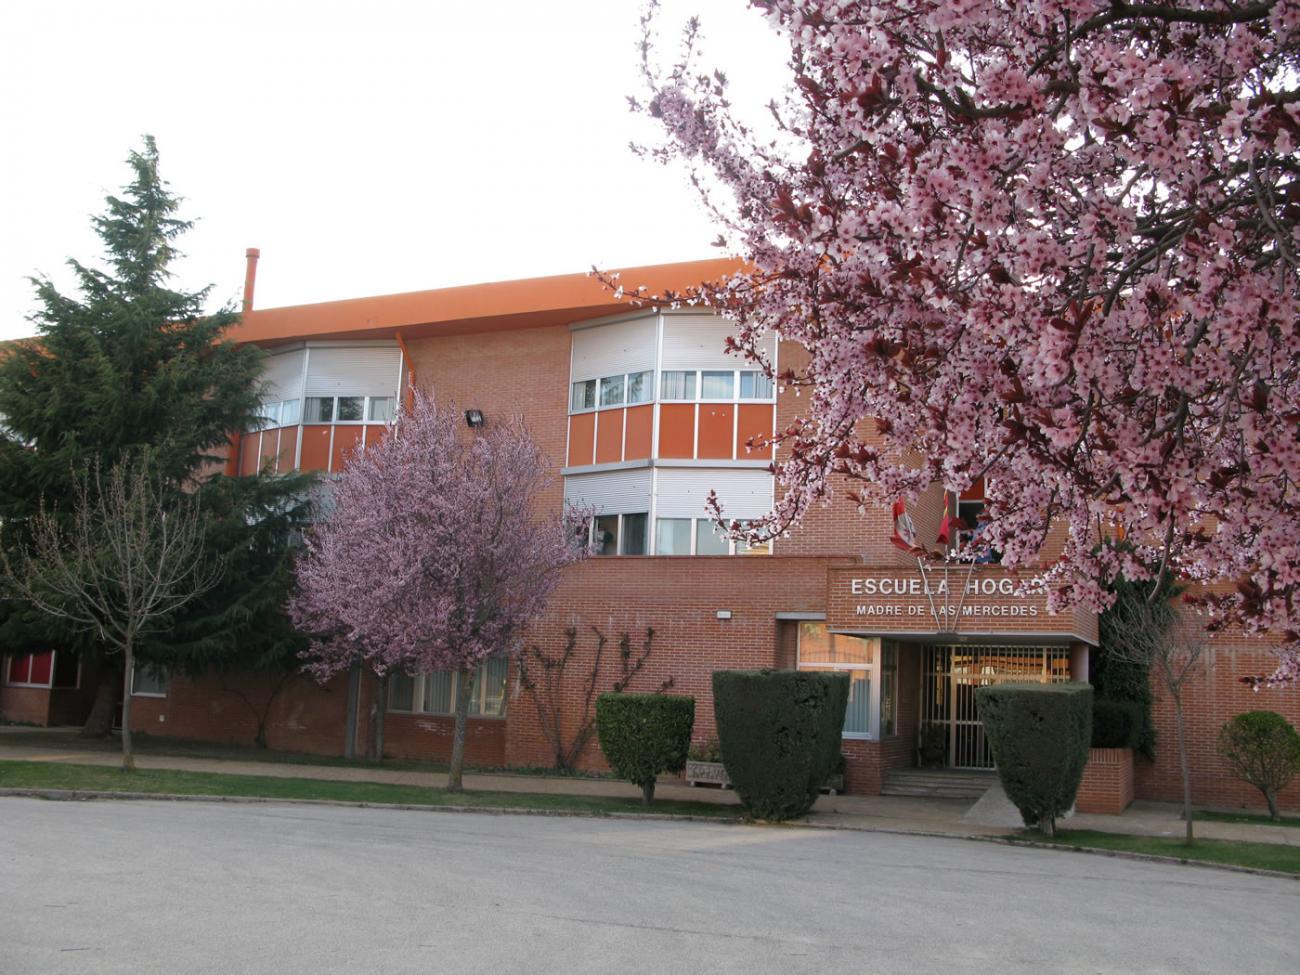 Exterior de la Escuela Hogar